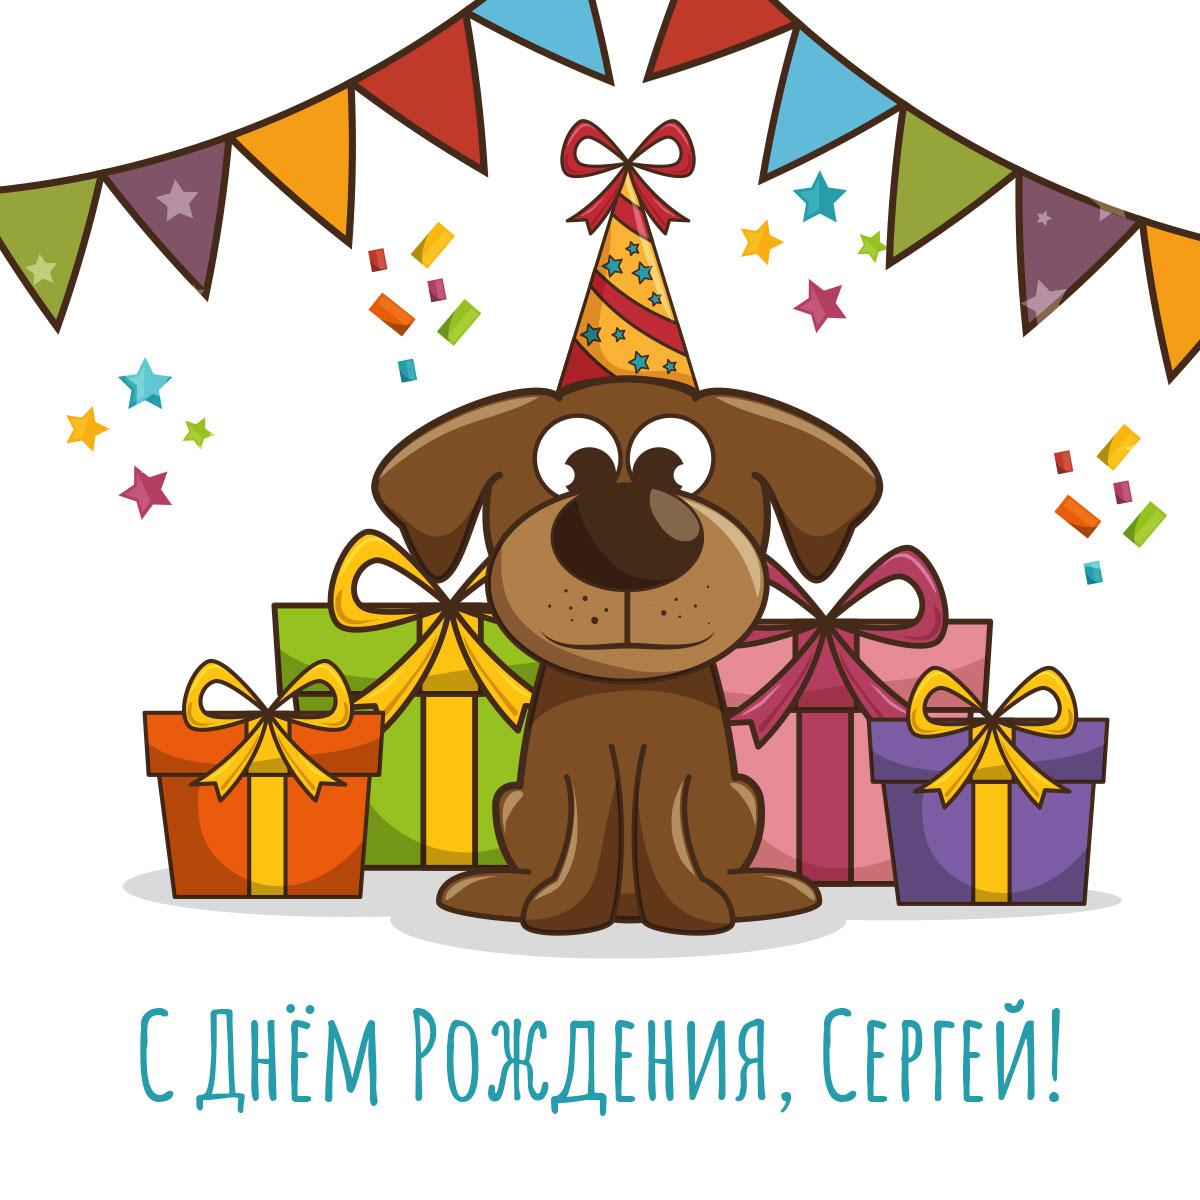 Рисунок собаки в шляпе для вечеринок на фоне коробок с подарками.